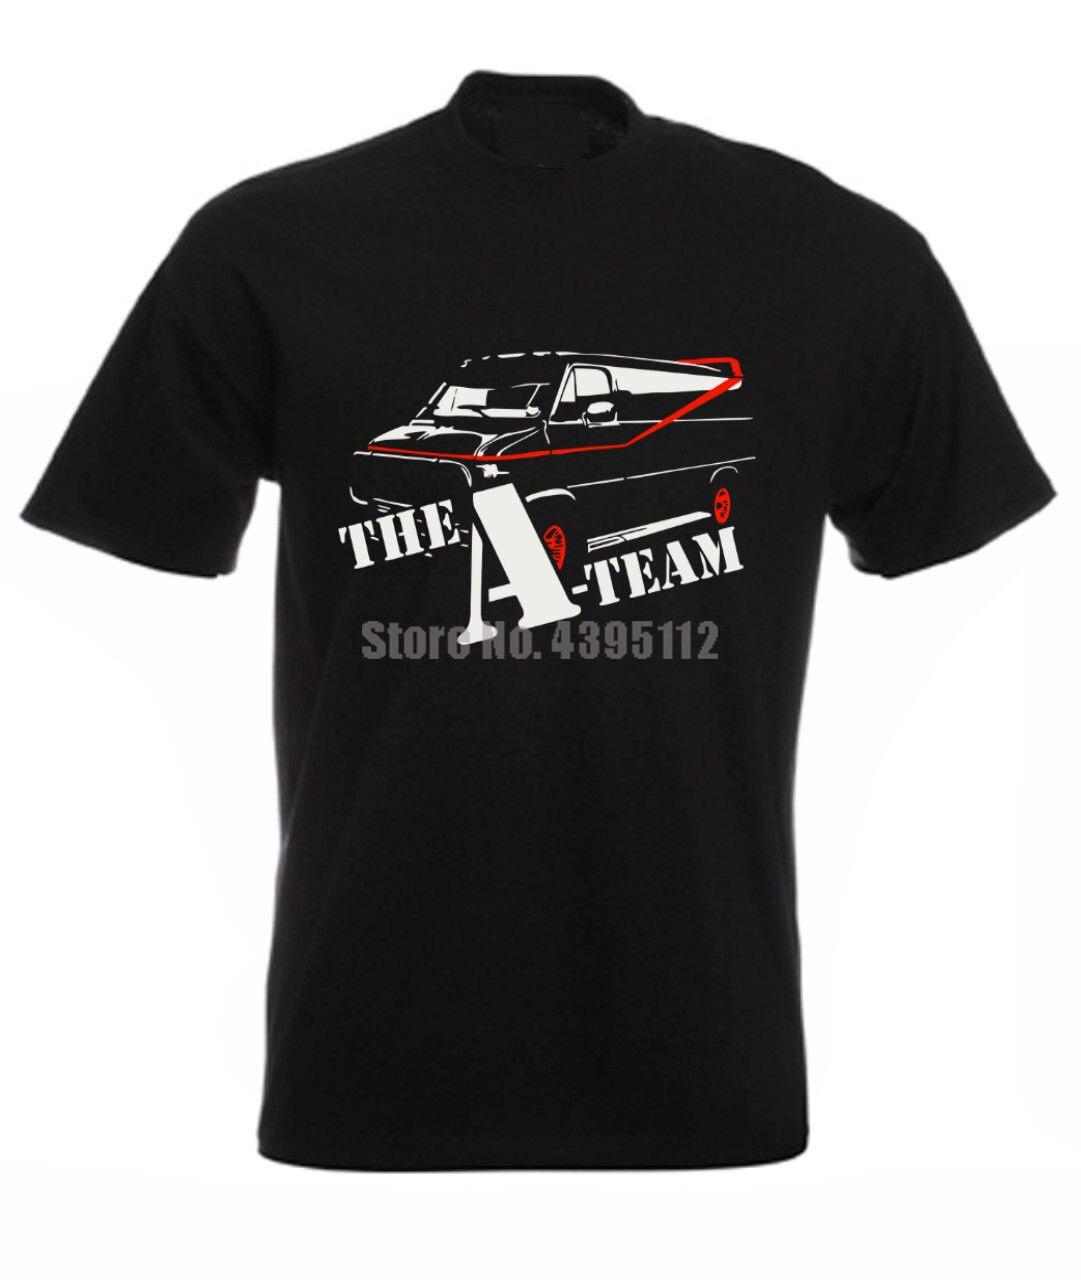 Un equipo Van Retro años 80 Tv Youth Ahegao camiseta ropa camiseta Ropa Camisetas con Corgi tallas grandes Huioai